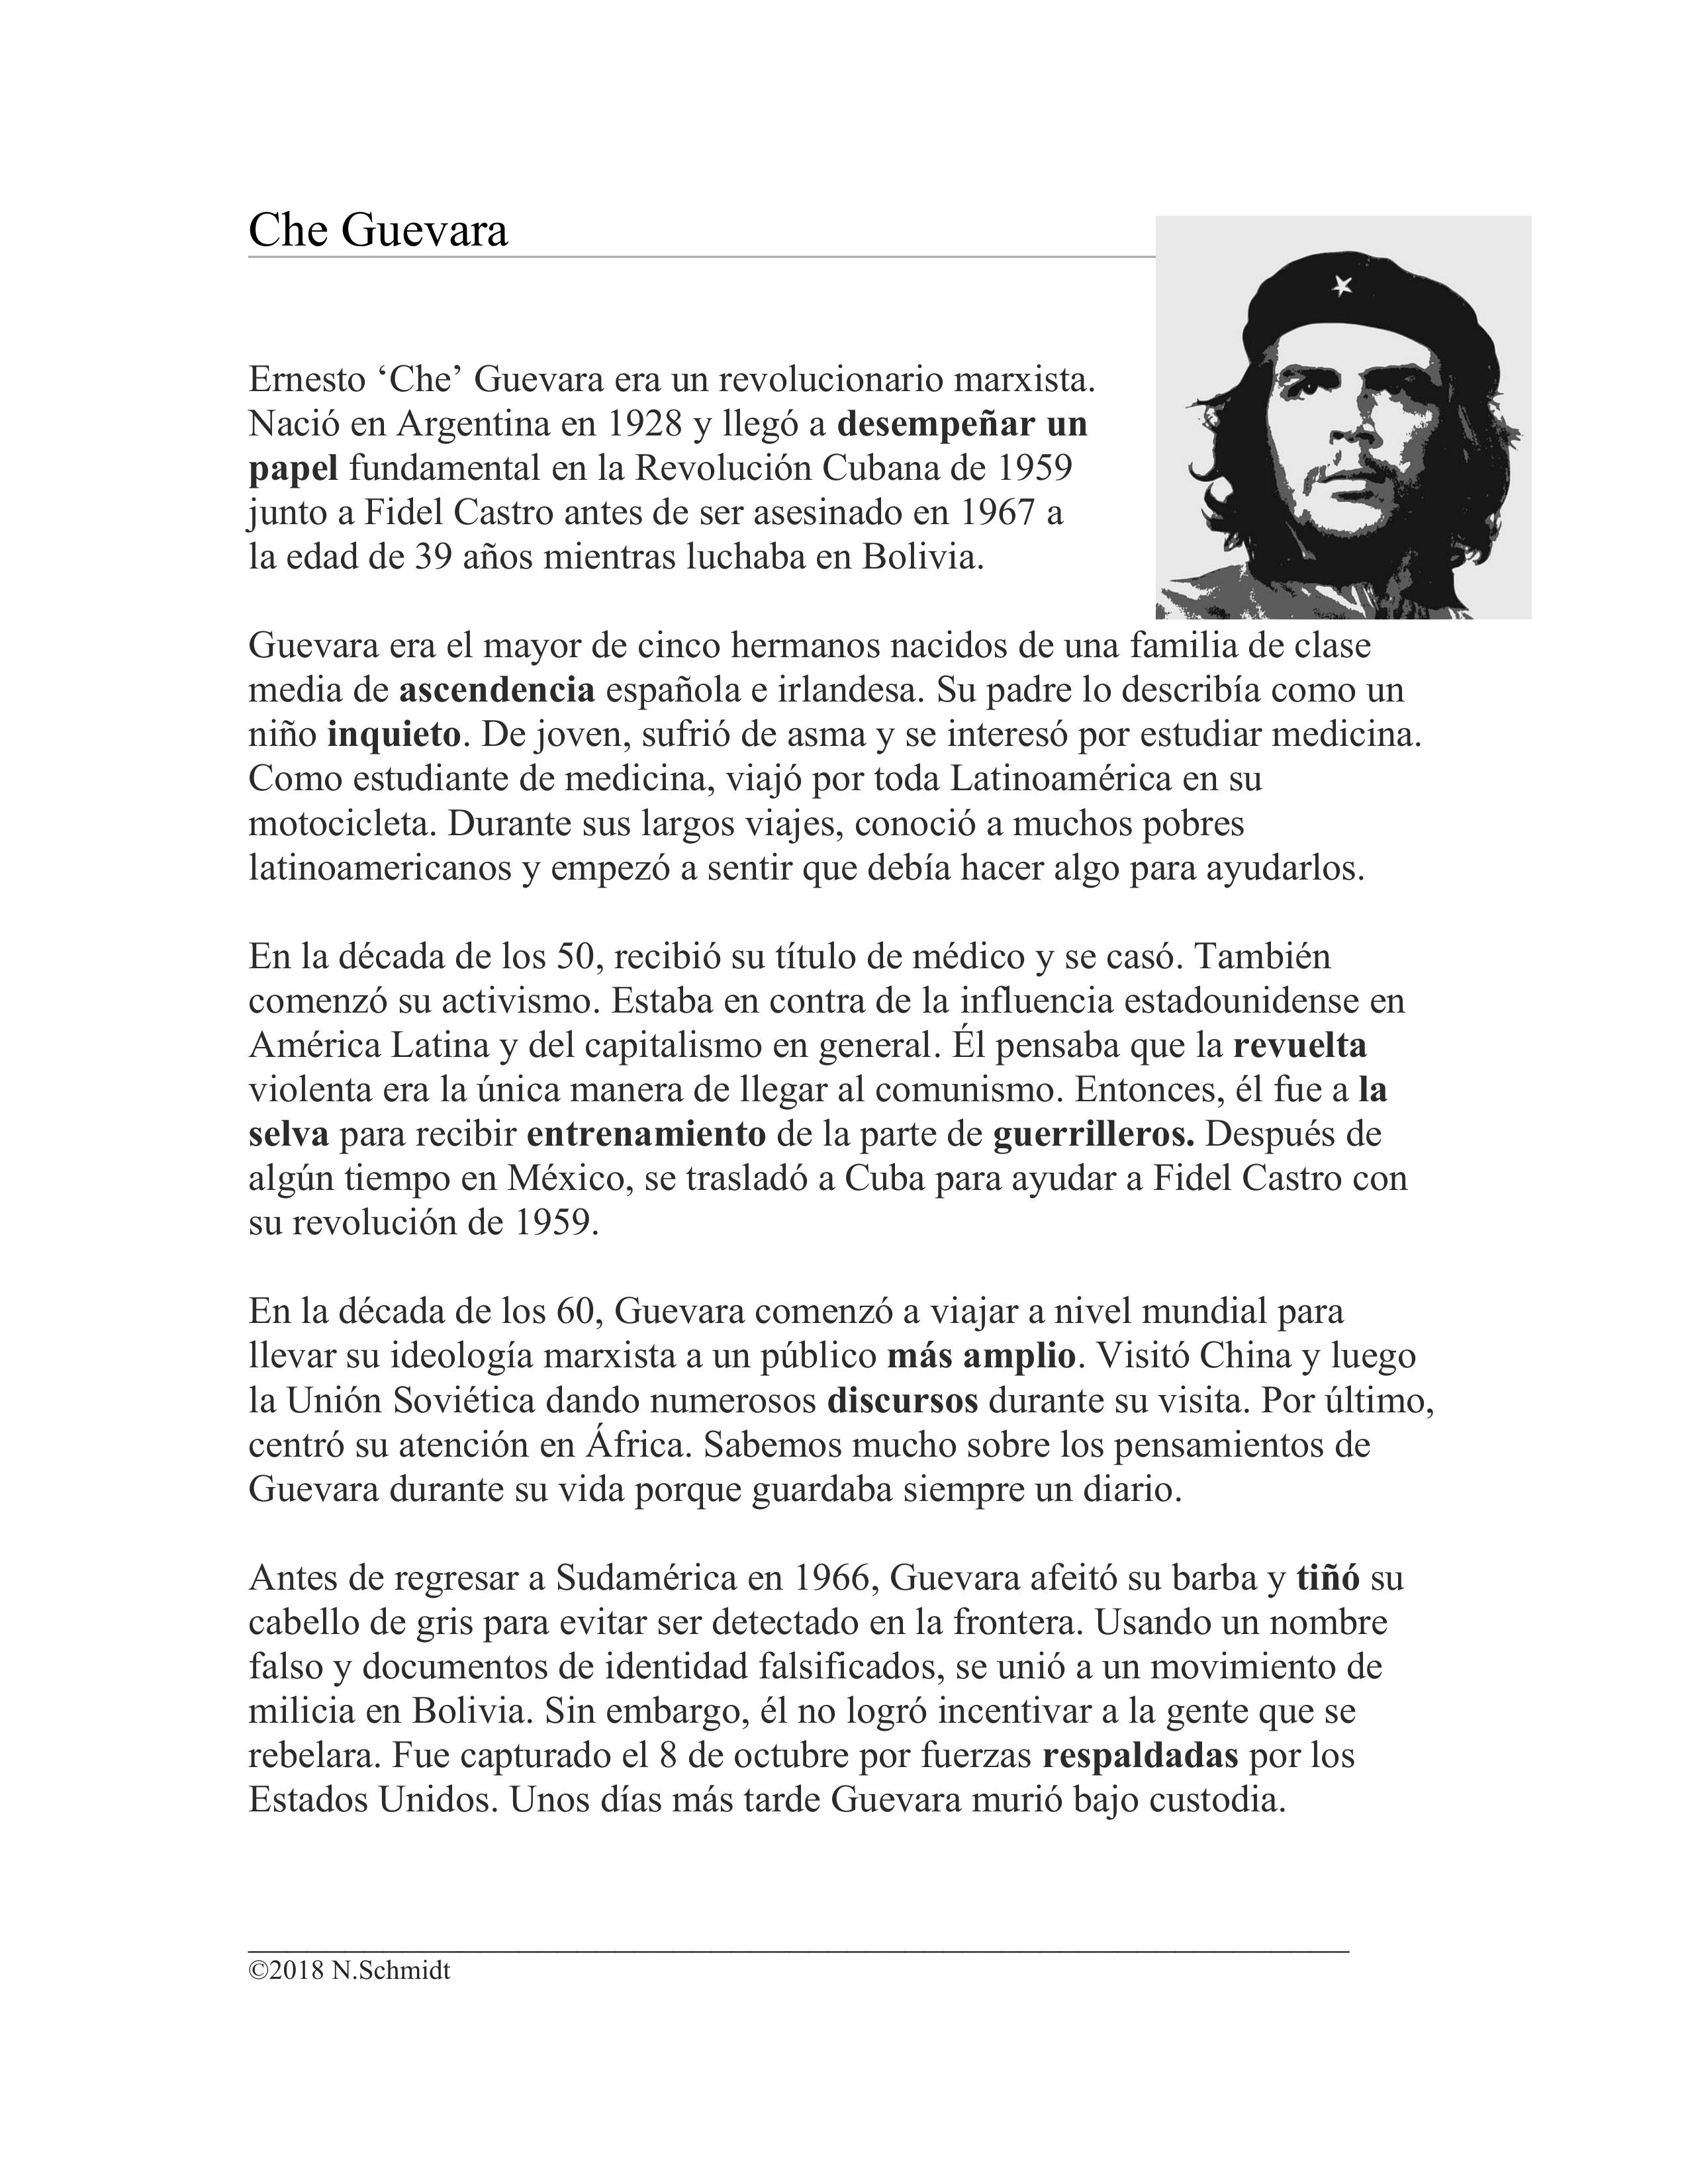 Che Guevara Biografía en Español: Biographie auf Spanisch